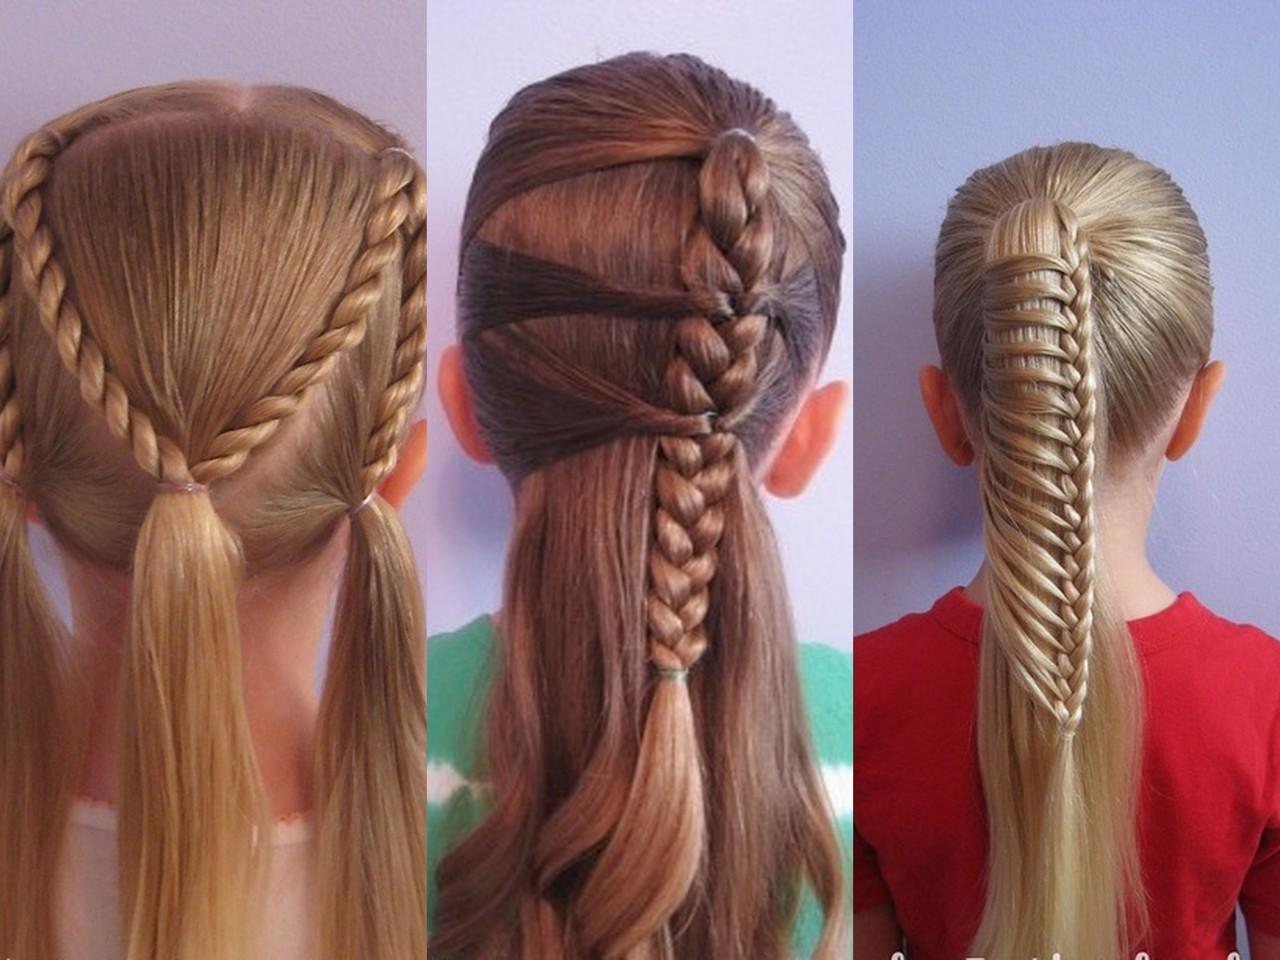 Прическа на средние волосы для девочек в домашних условиях